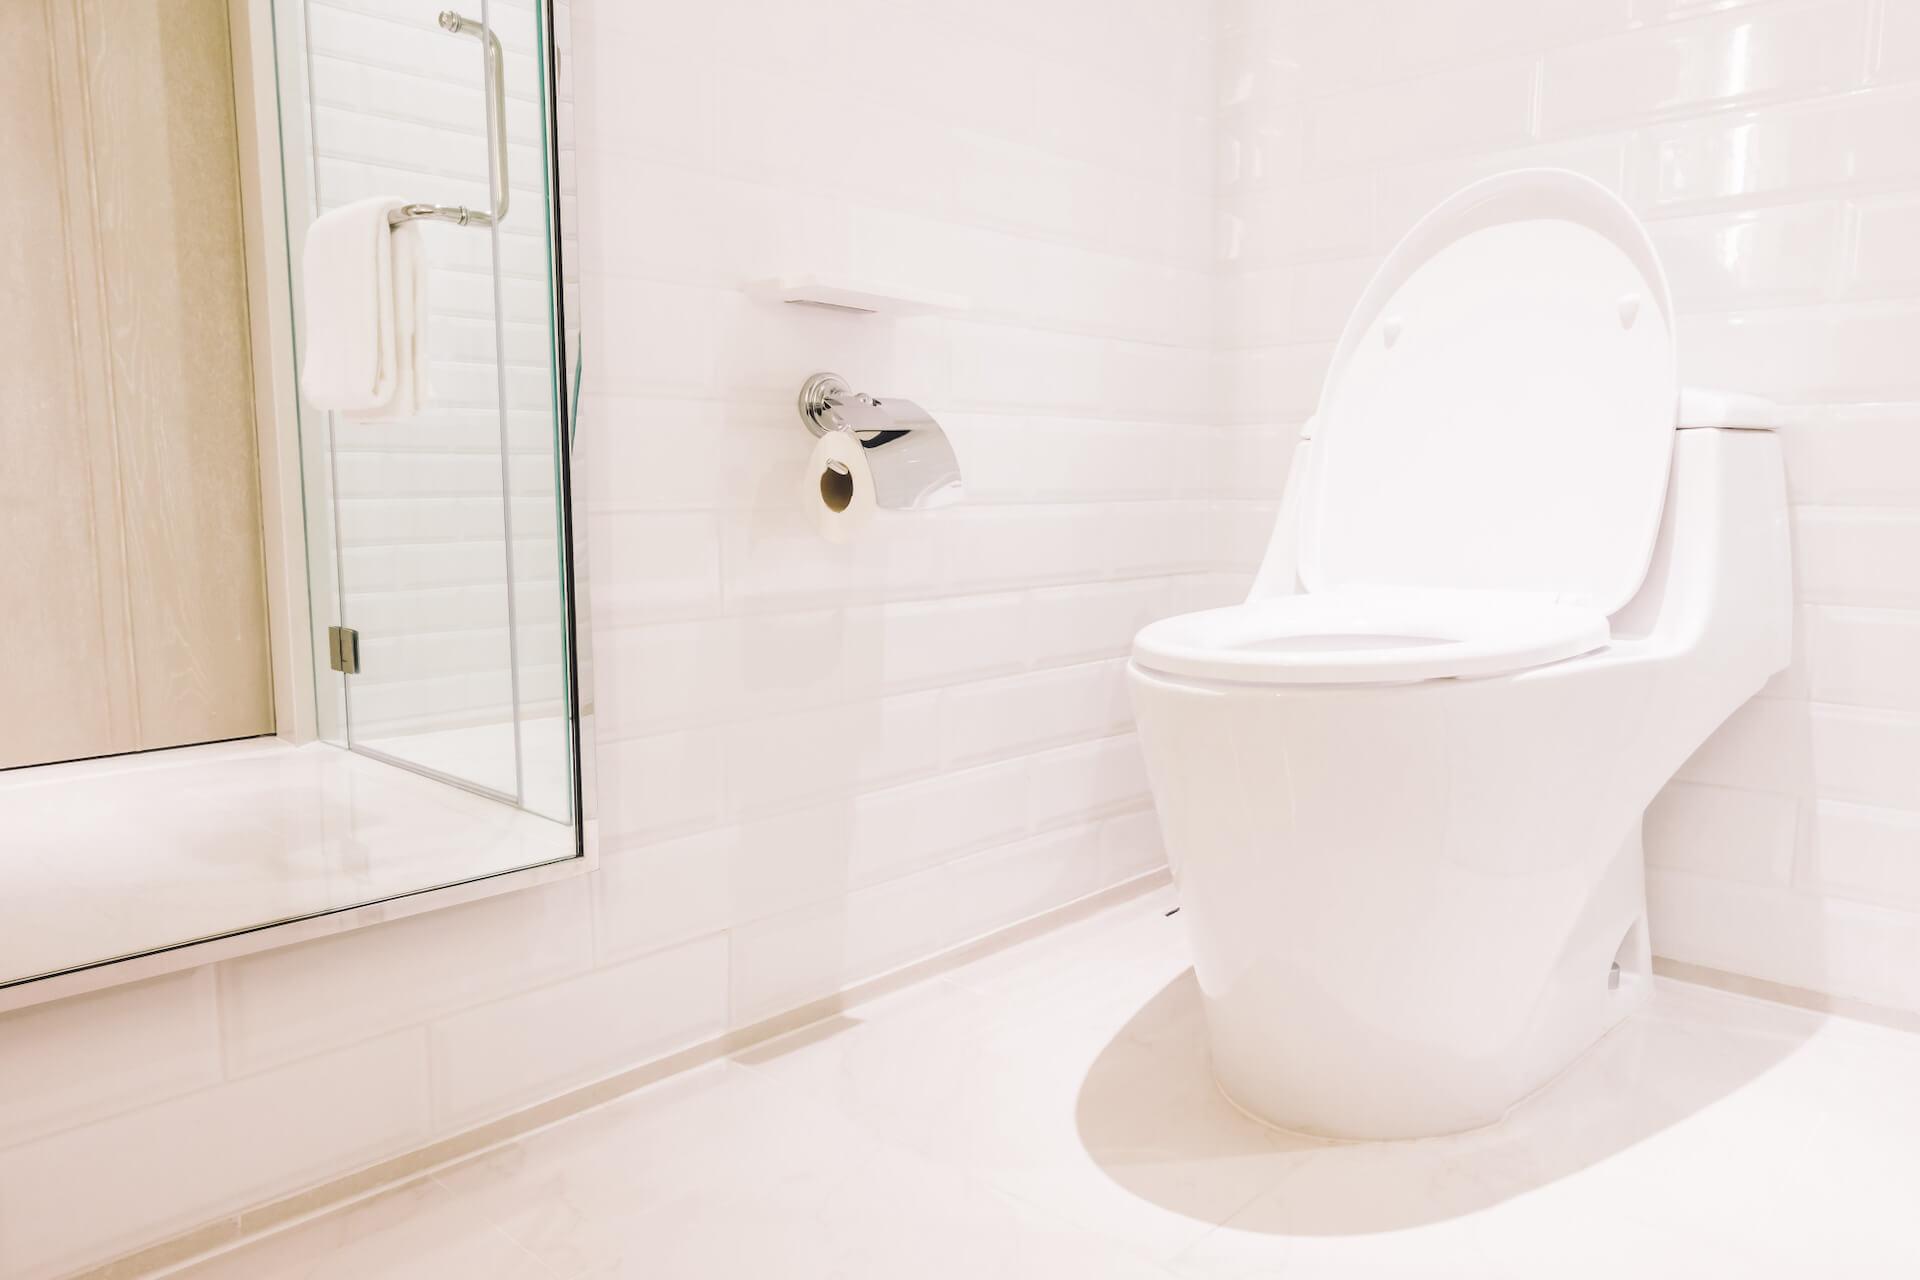 A húgyhólyag trenírozása során a mosdót ritkábban használjuk.